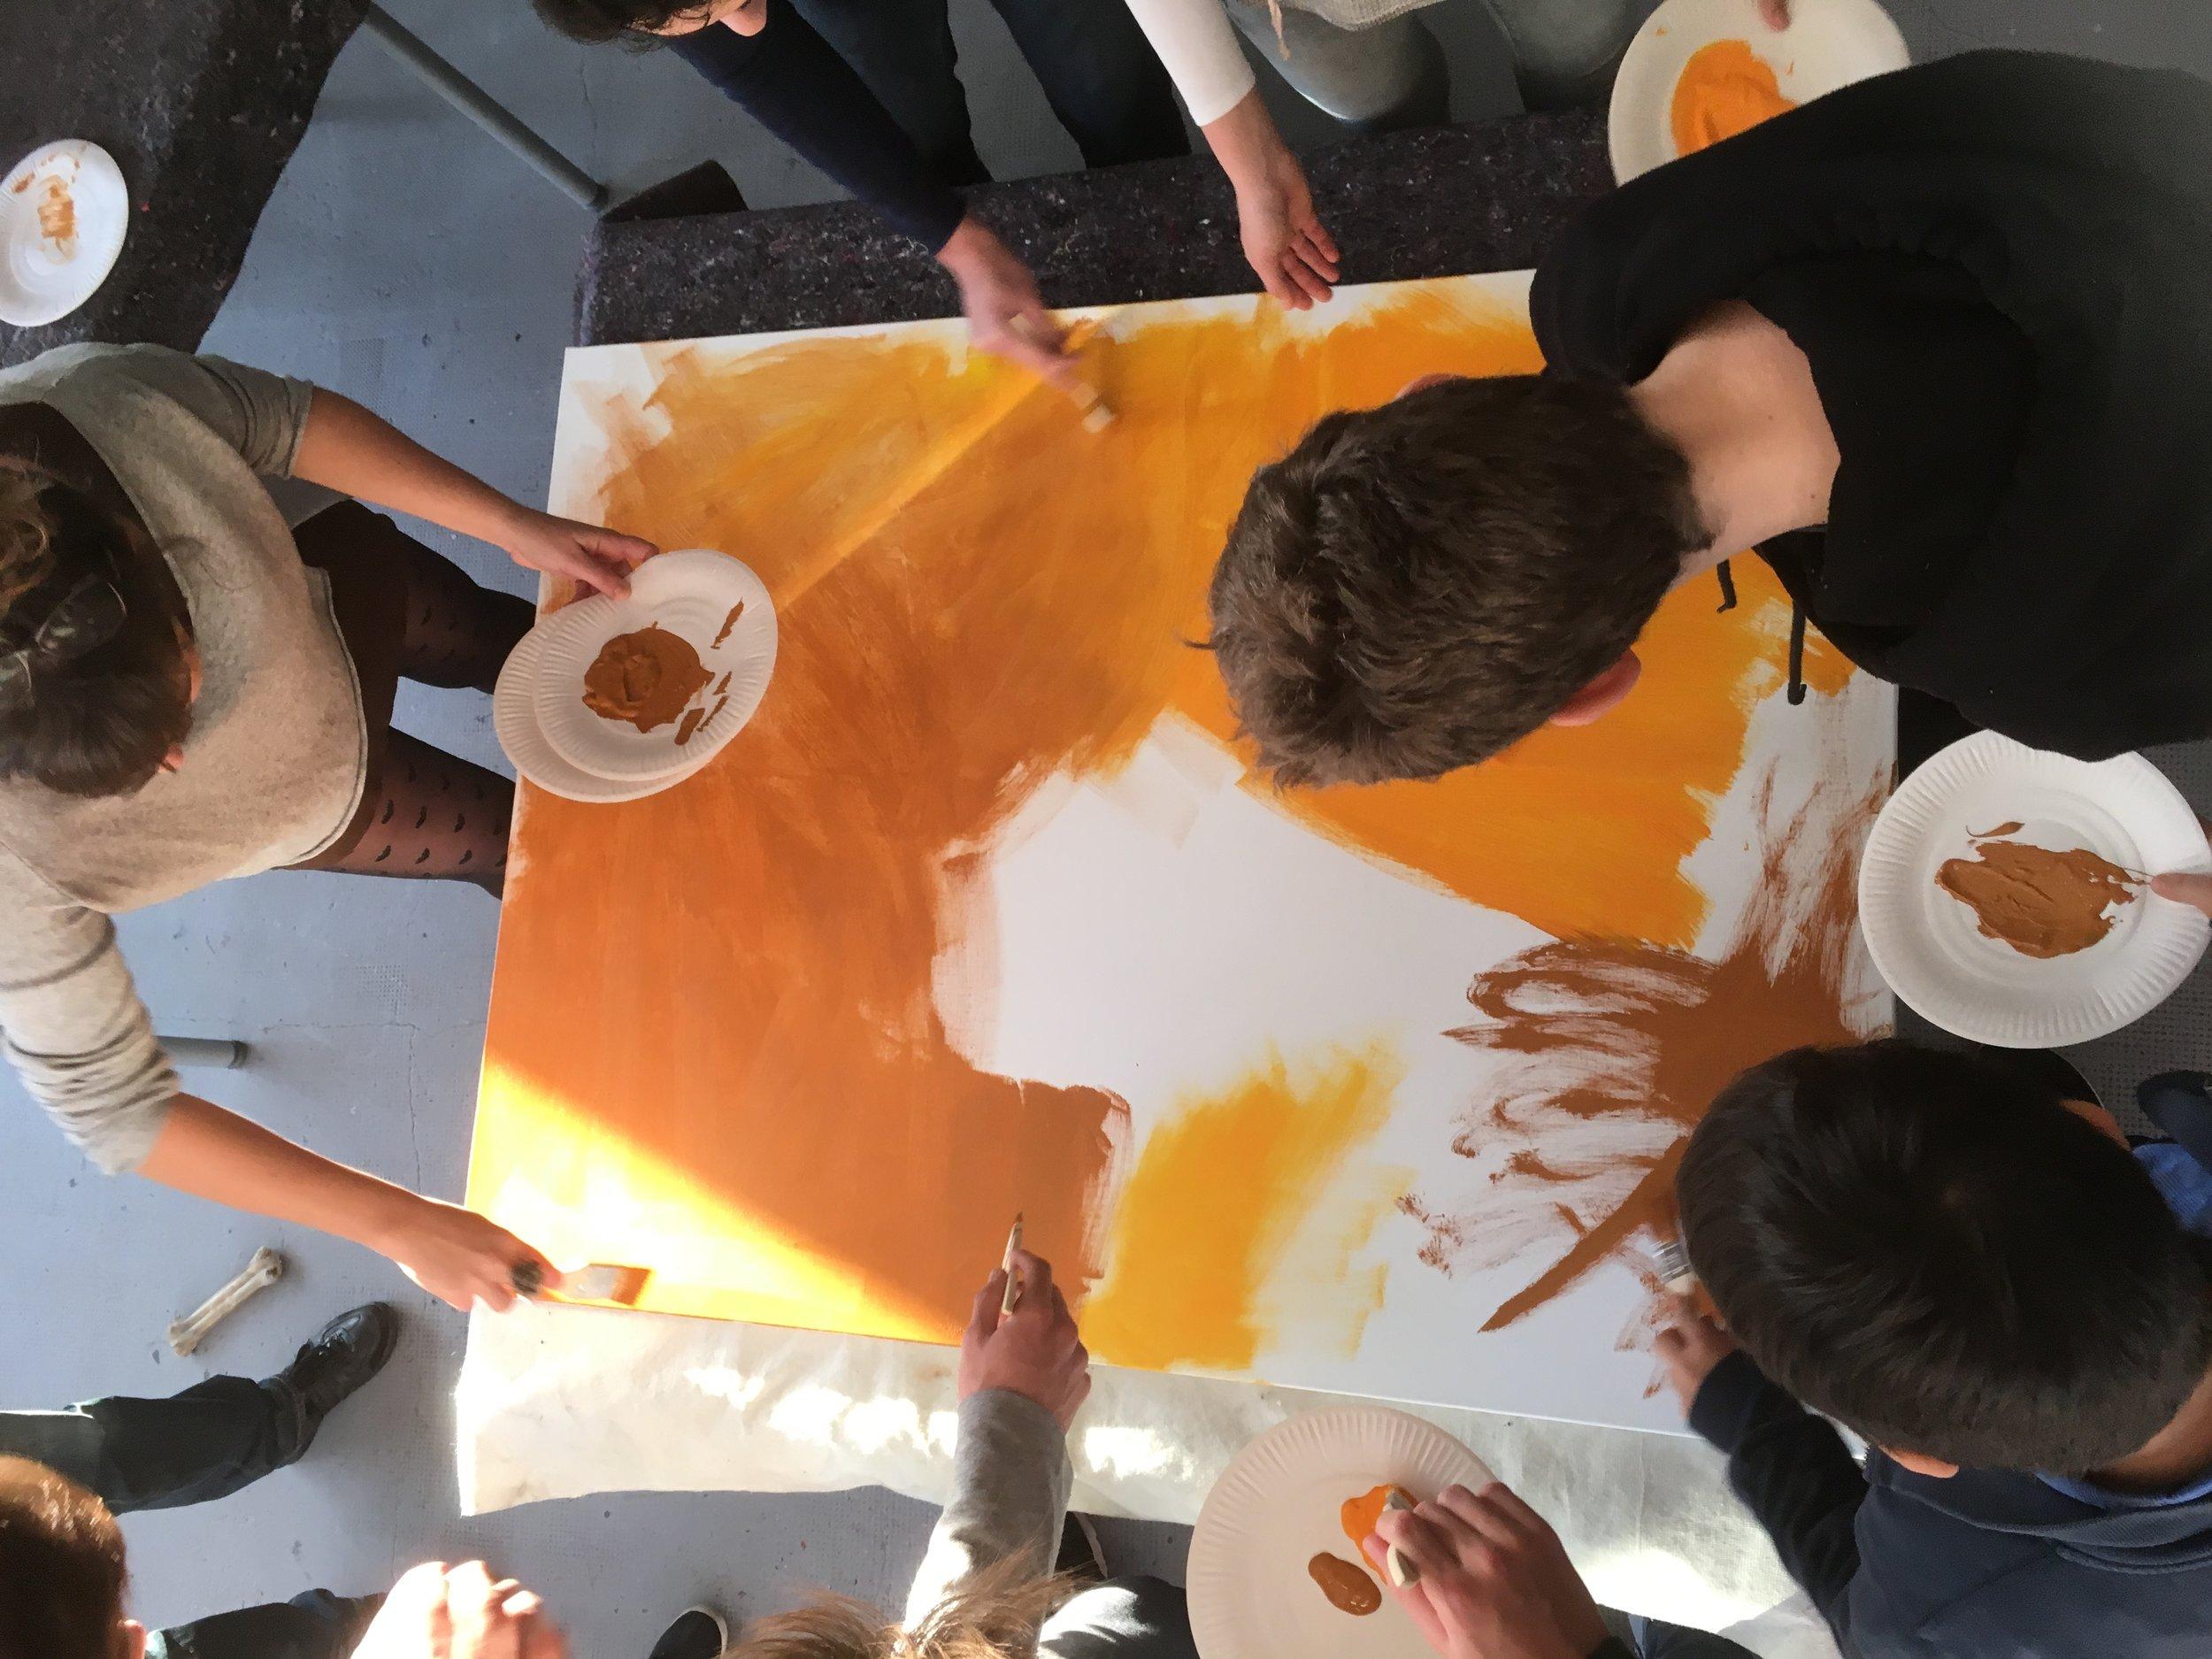 atelier-peinture-adolescent-paris.jpg